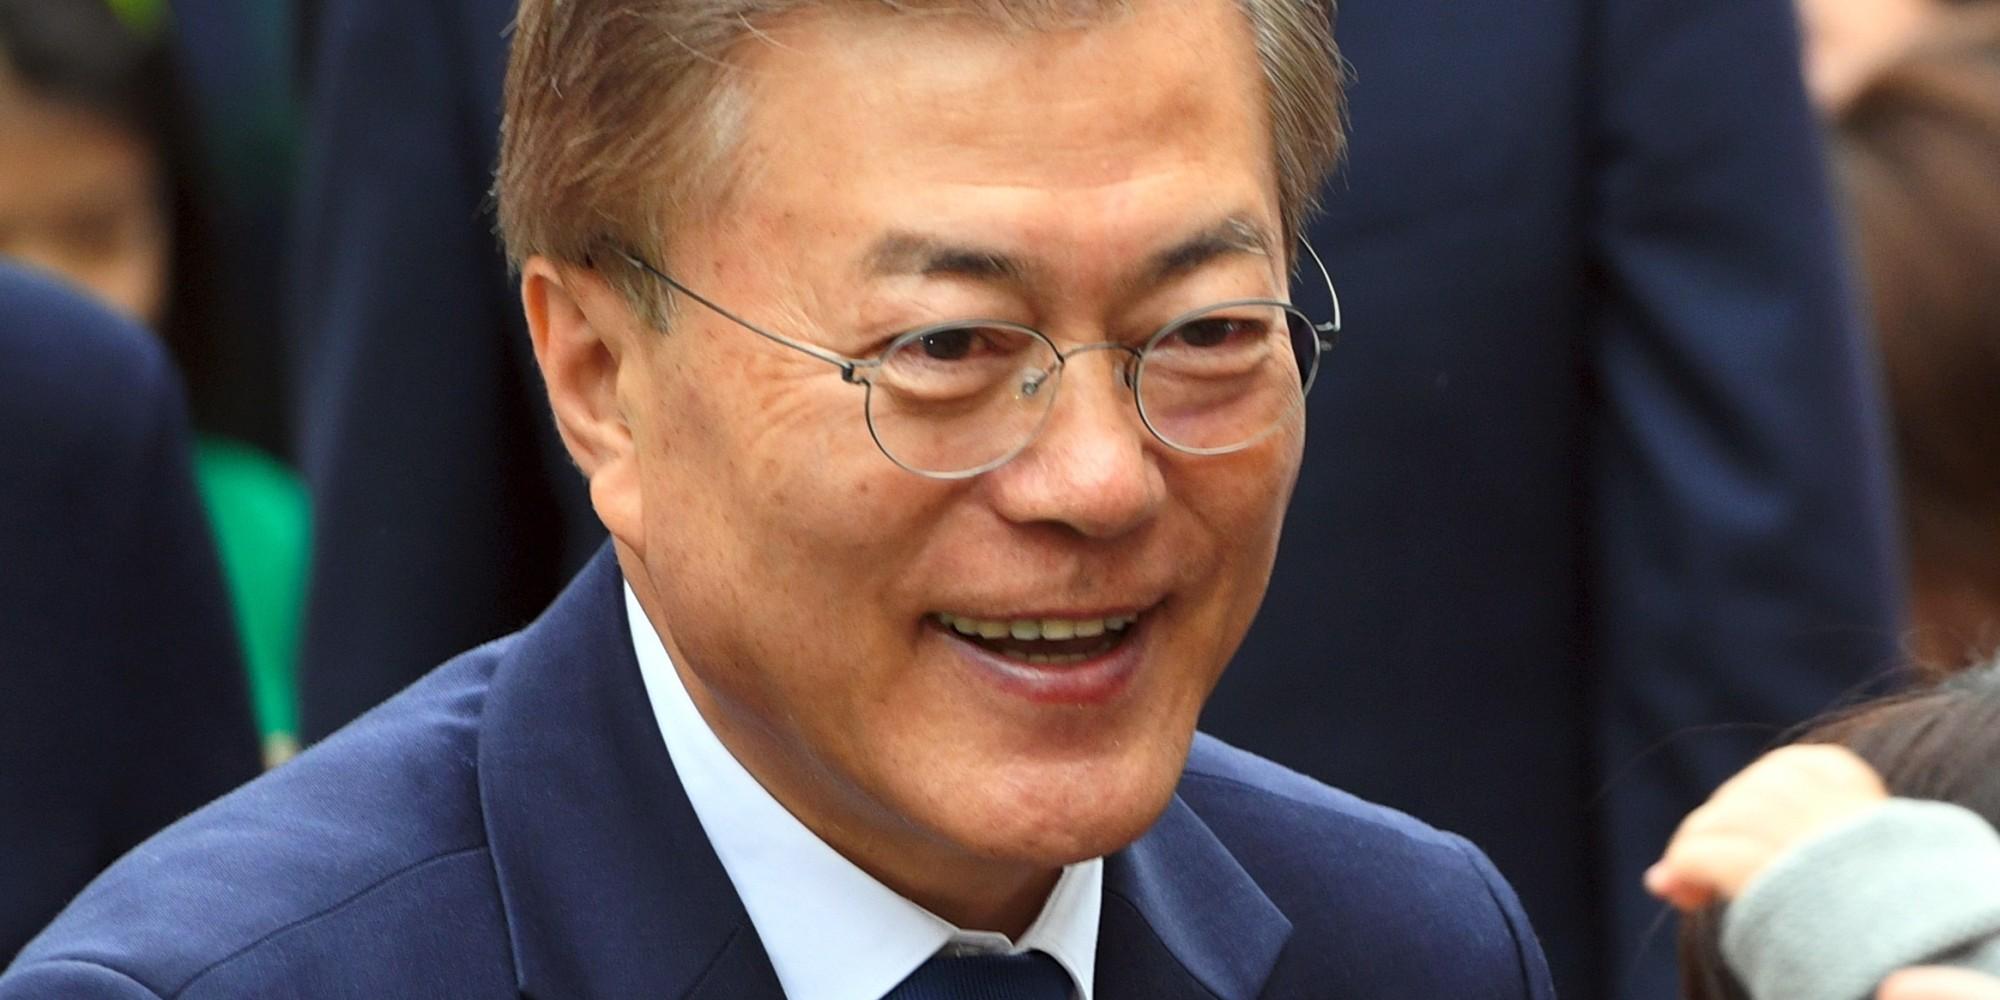 【韓国大統領選】文在寅氏が事実上の勝利宣言「今日の勝利は国民のおかげ」(テキスト中継)